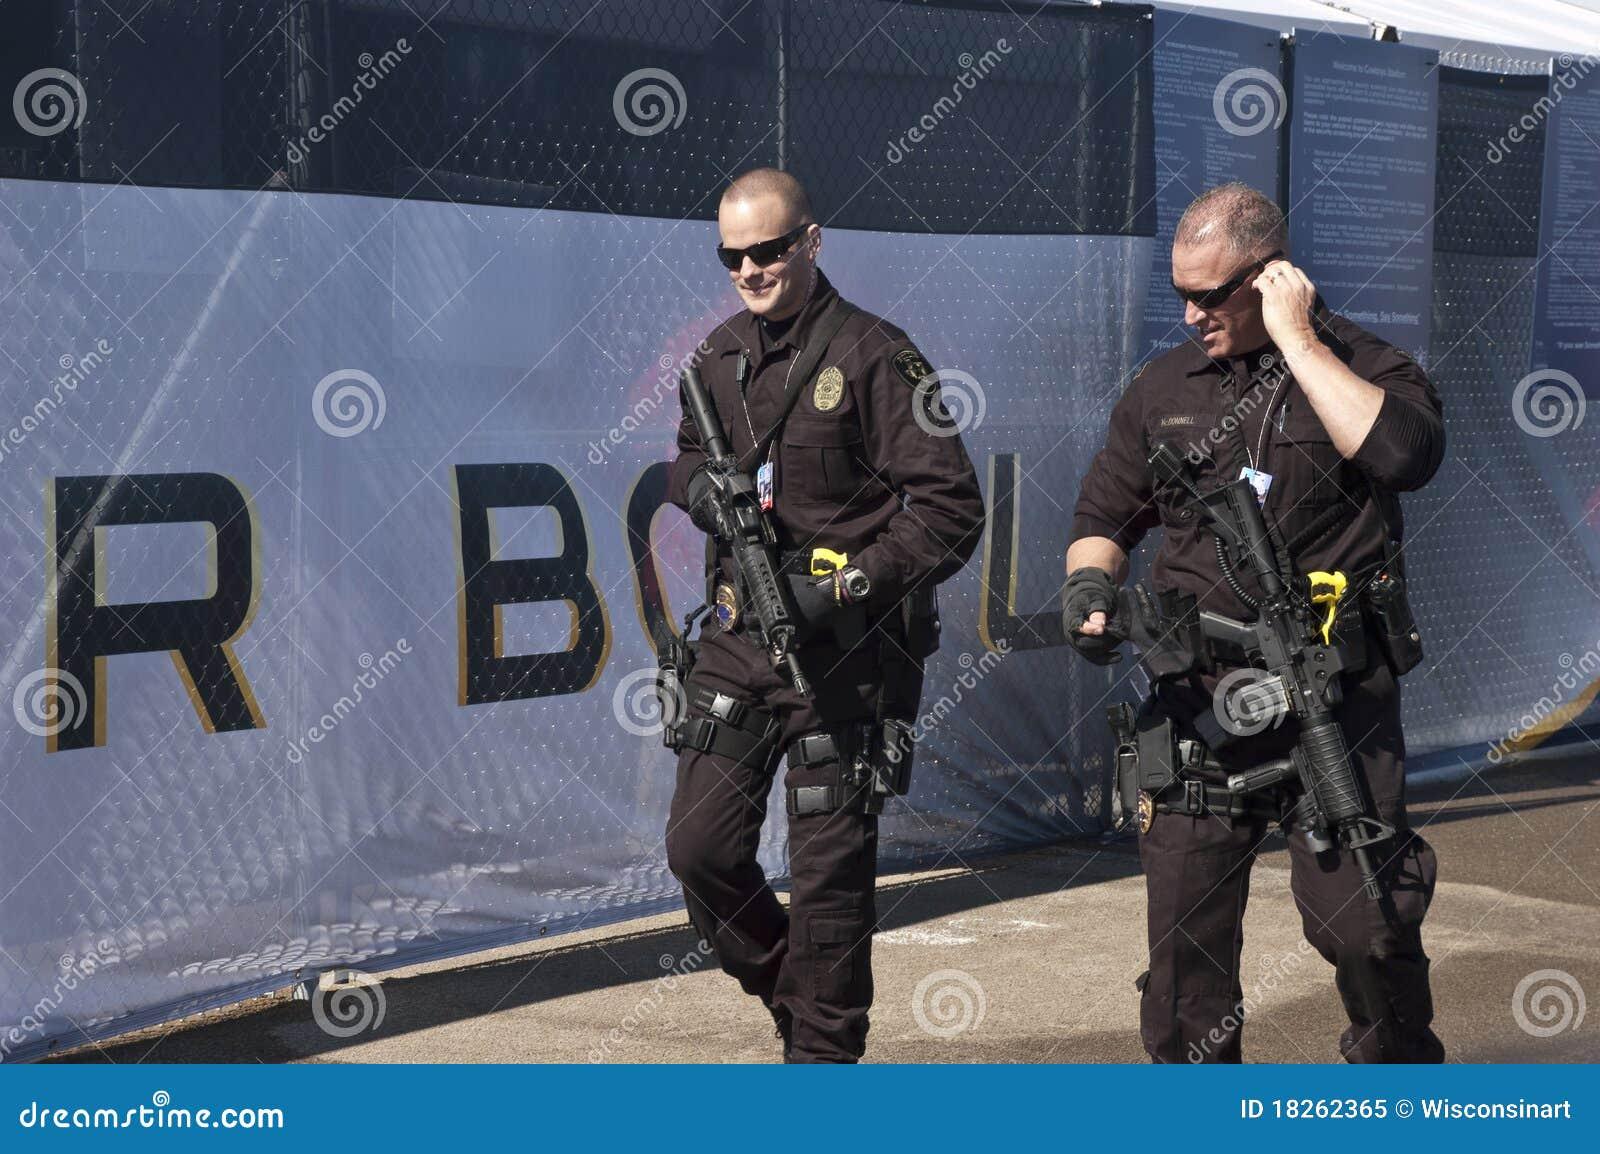 Bewaffnete Sicherheitsbeamten bei Superbowl XLV